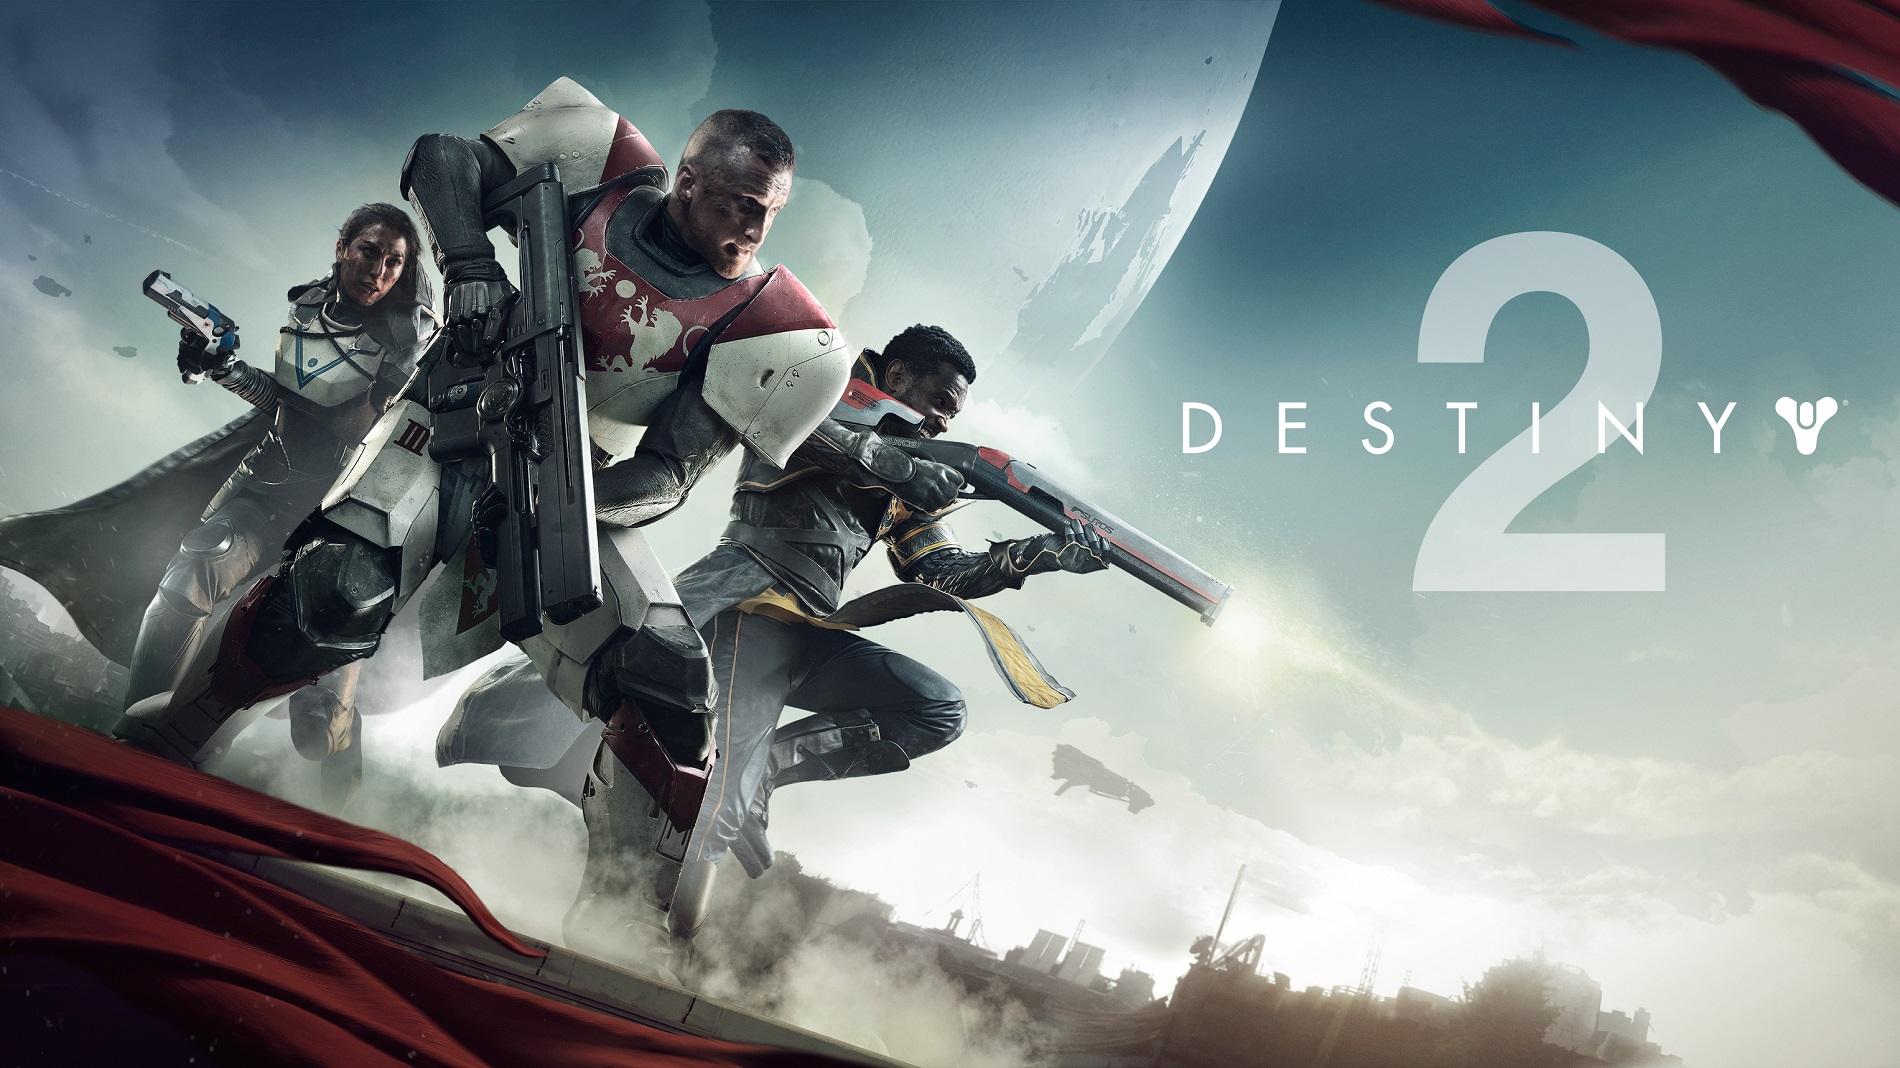 Calendrier Destiny 2.Destiny 2 Etablit Son Calendrier Pour Les 9 Prochains Mois